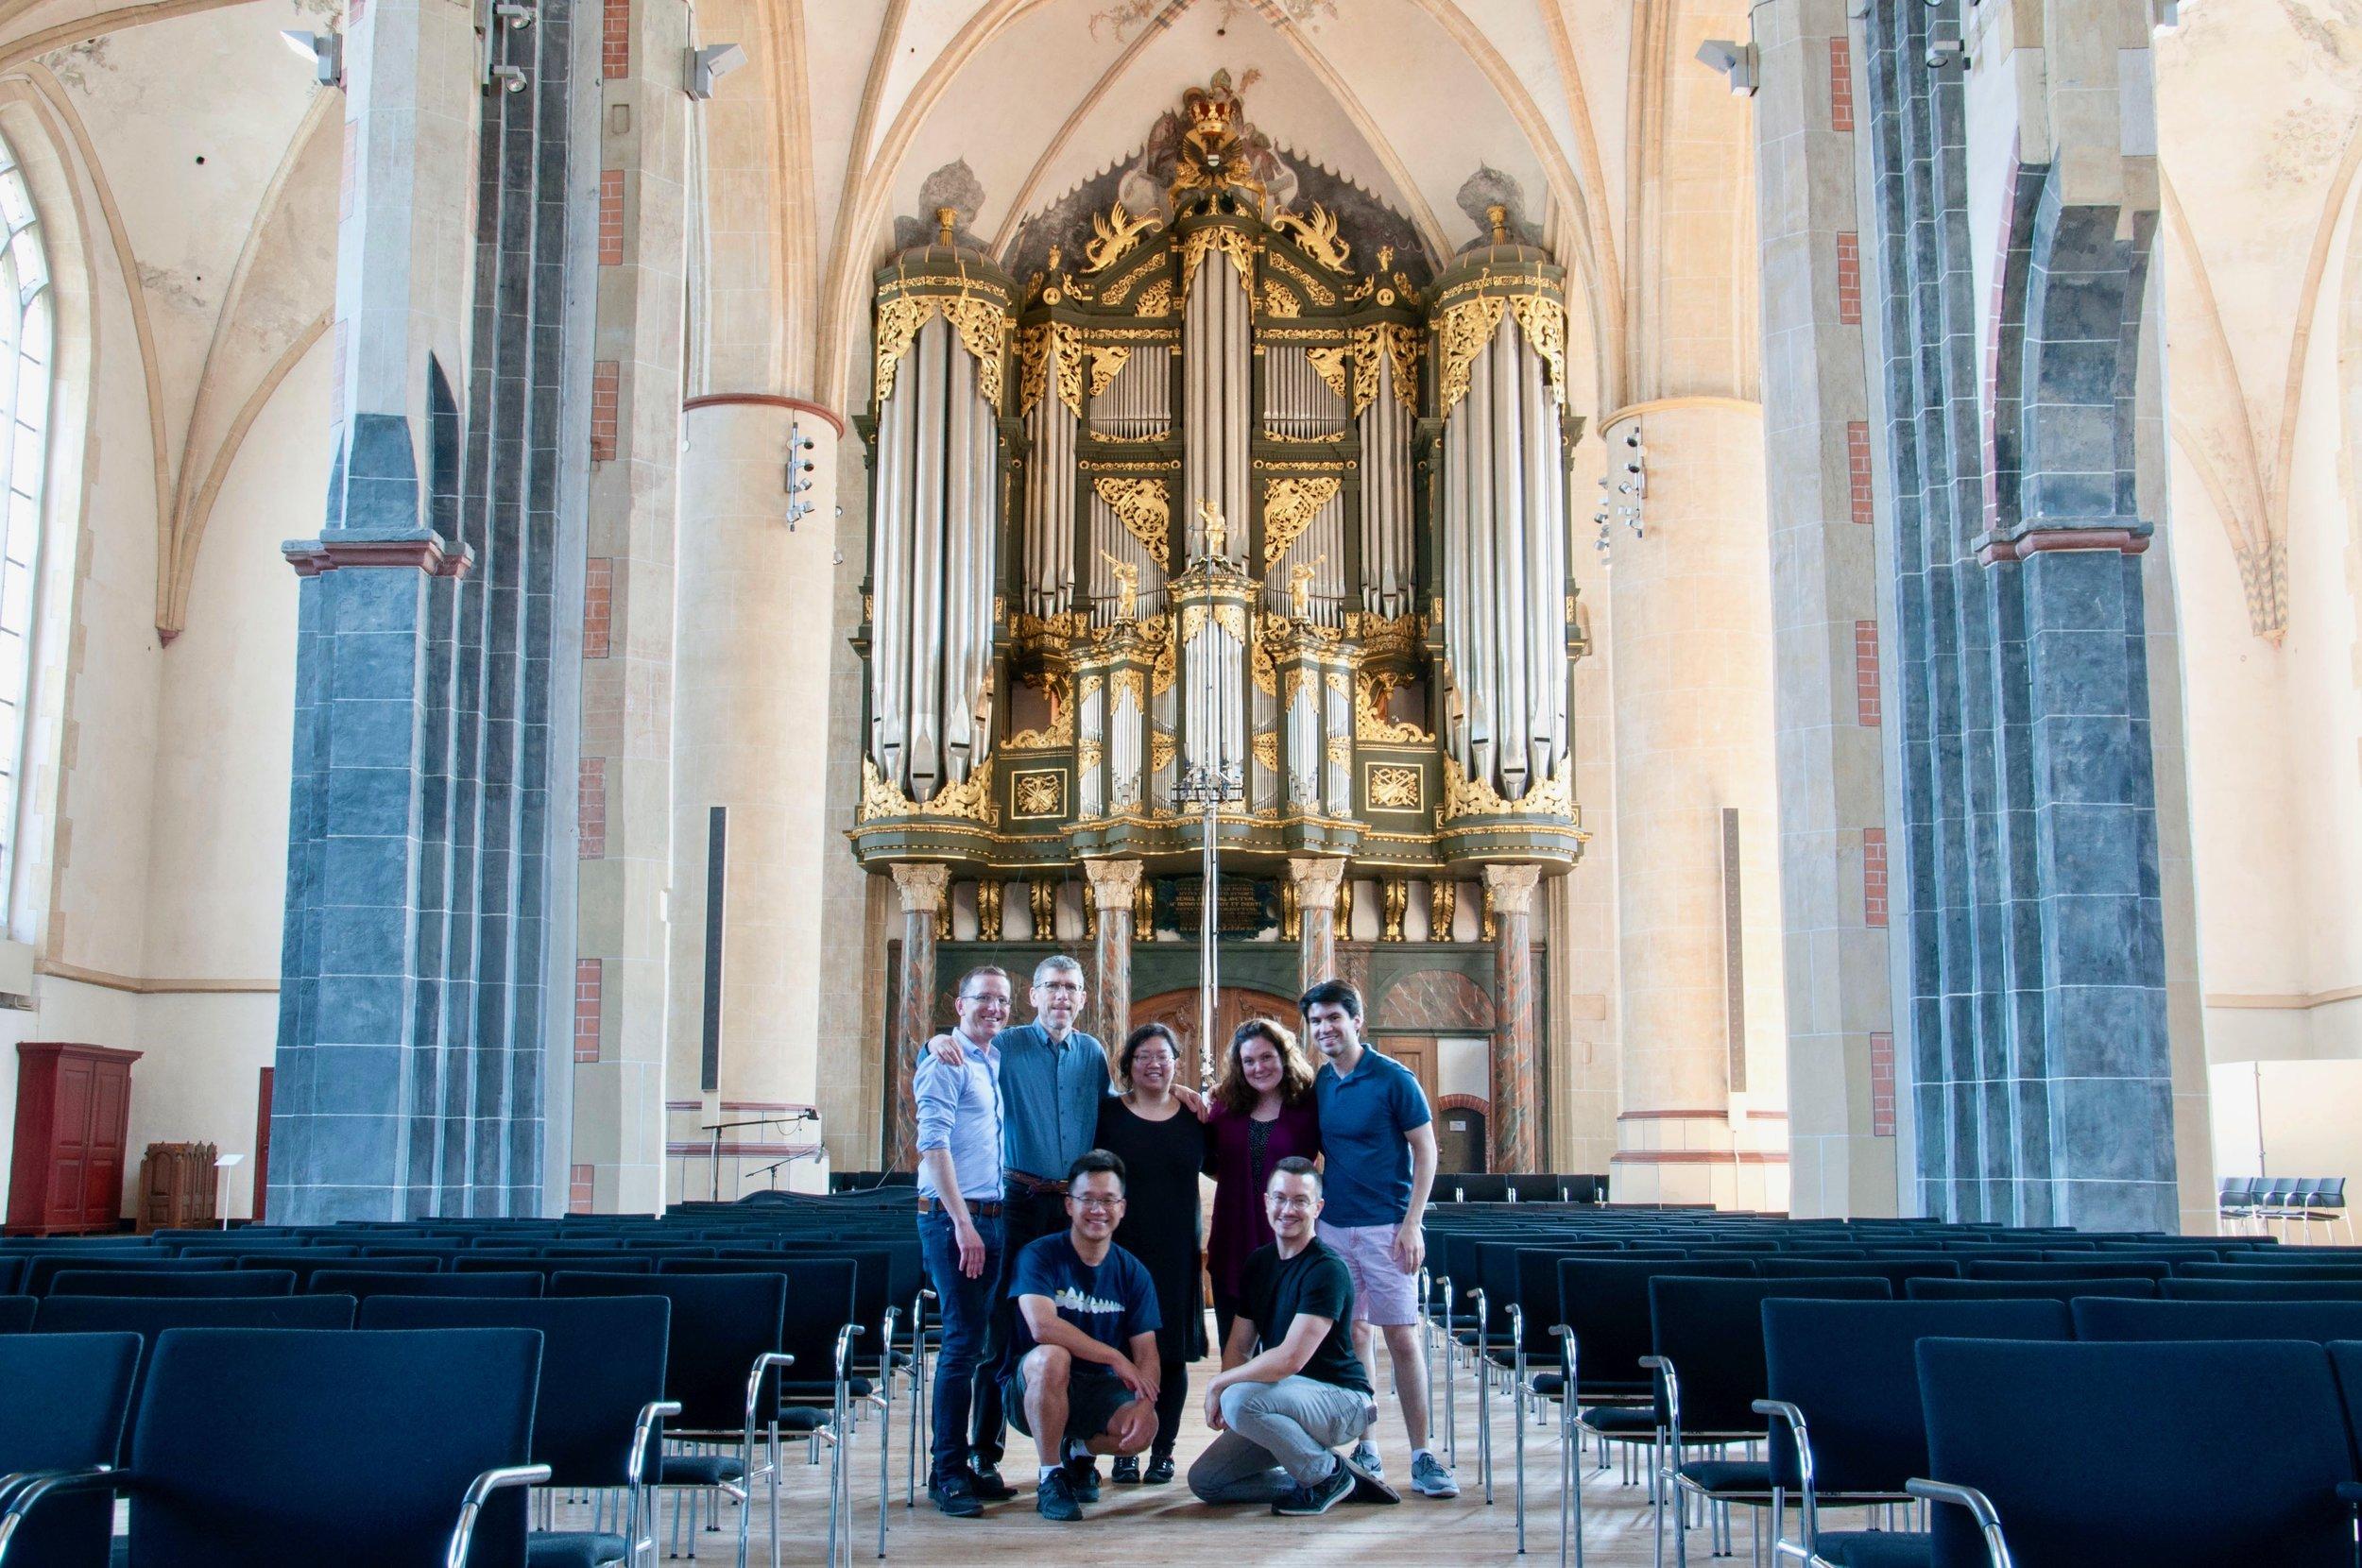 Members of Boston Organ Studio at Martinikerk, Groningen. 1692 Arp Schnitger organ.